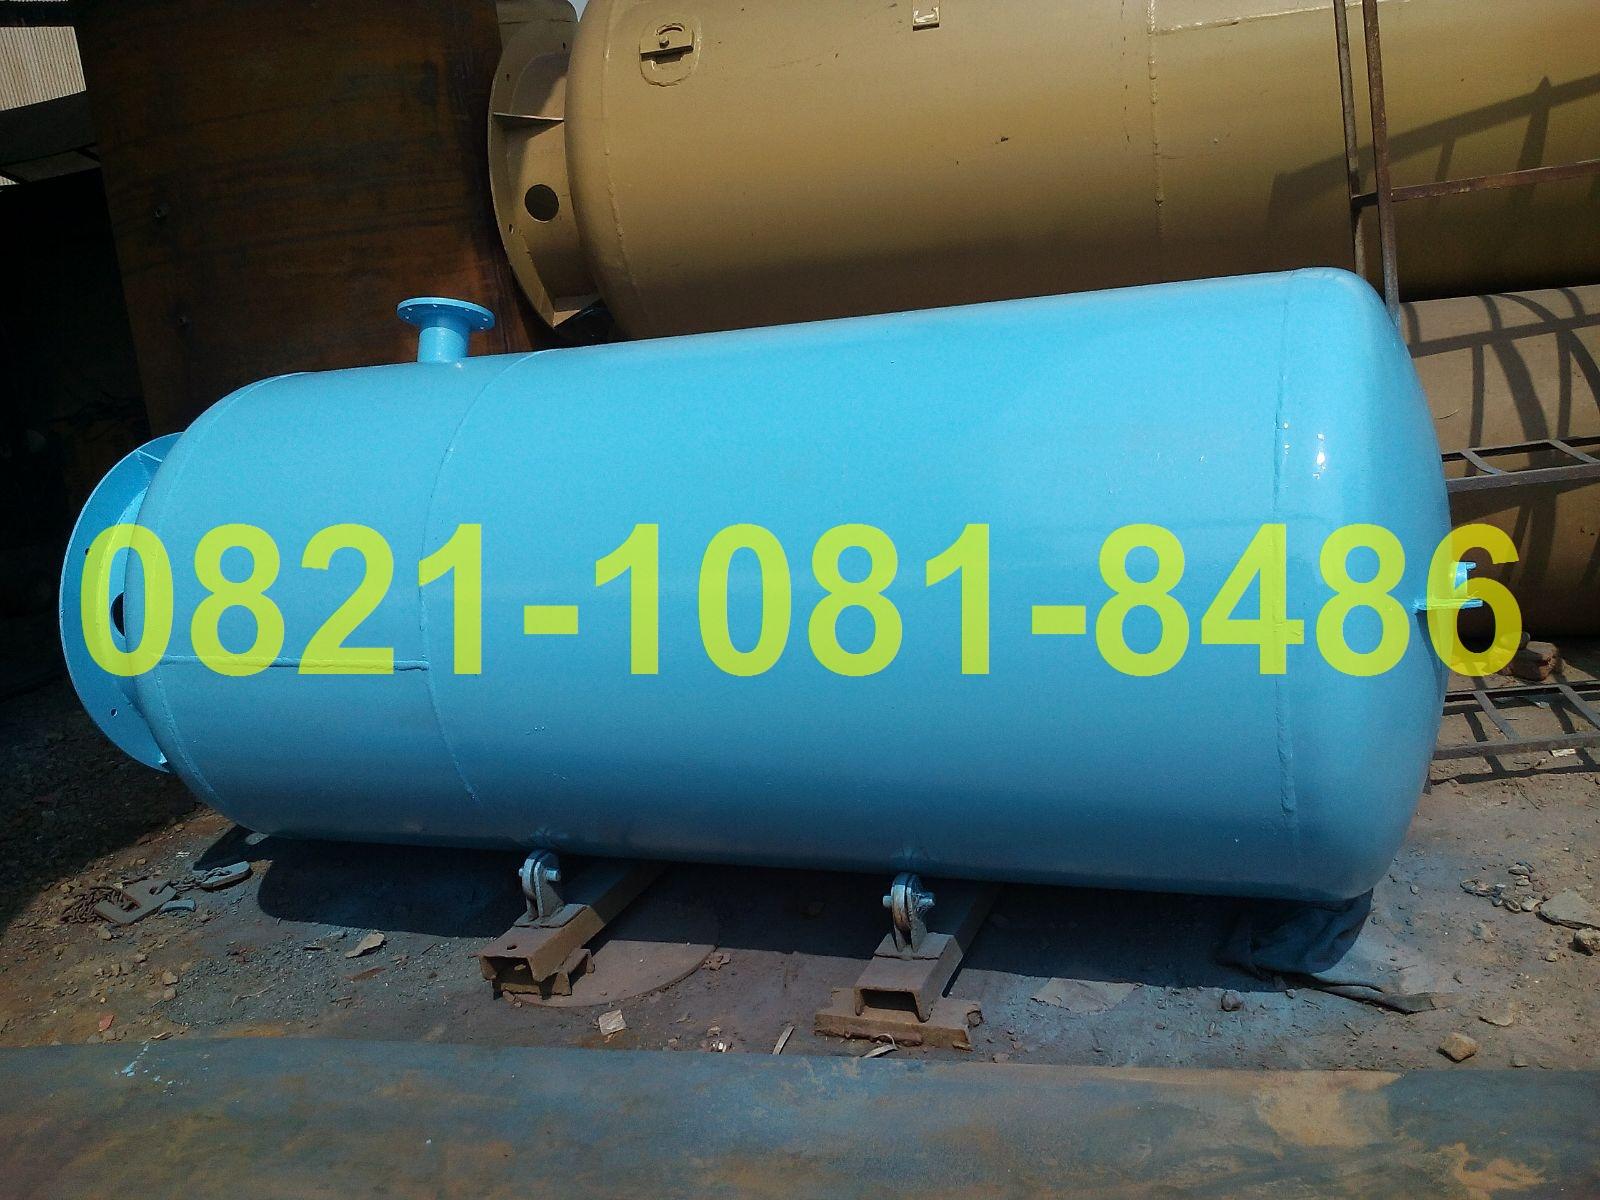 Jasa Fabrikasi Air Receiver Tank Wilayah Karawang Dan Sekitarnya Hand Pipe Bender Krisbow 3 8 7 8in Kw1500520